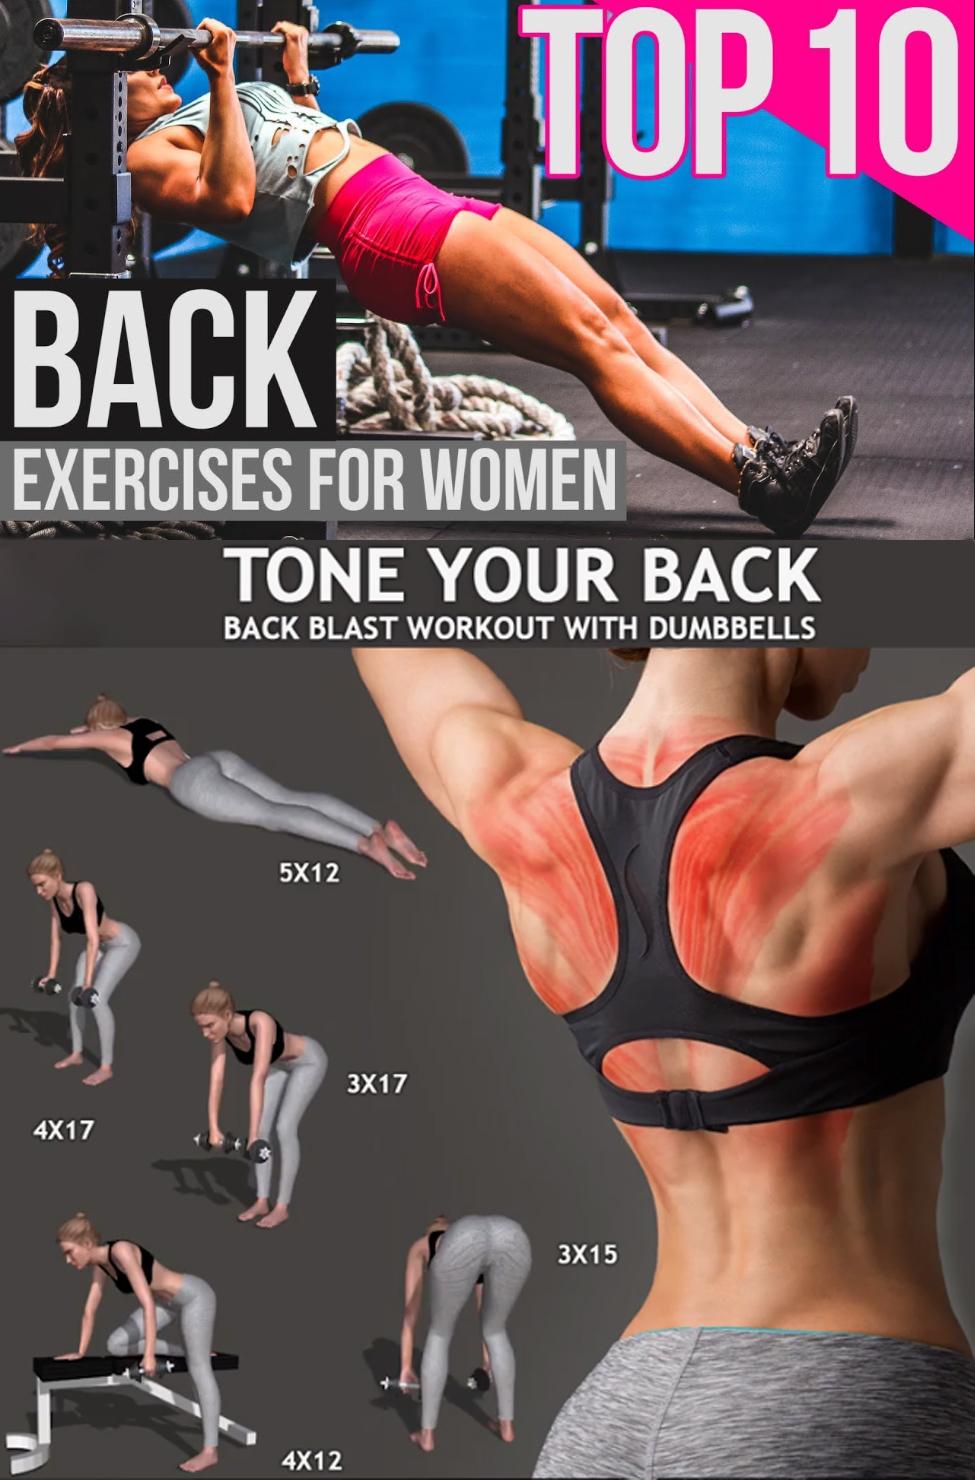 10 BACK EXERCISE FOR WOMEN